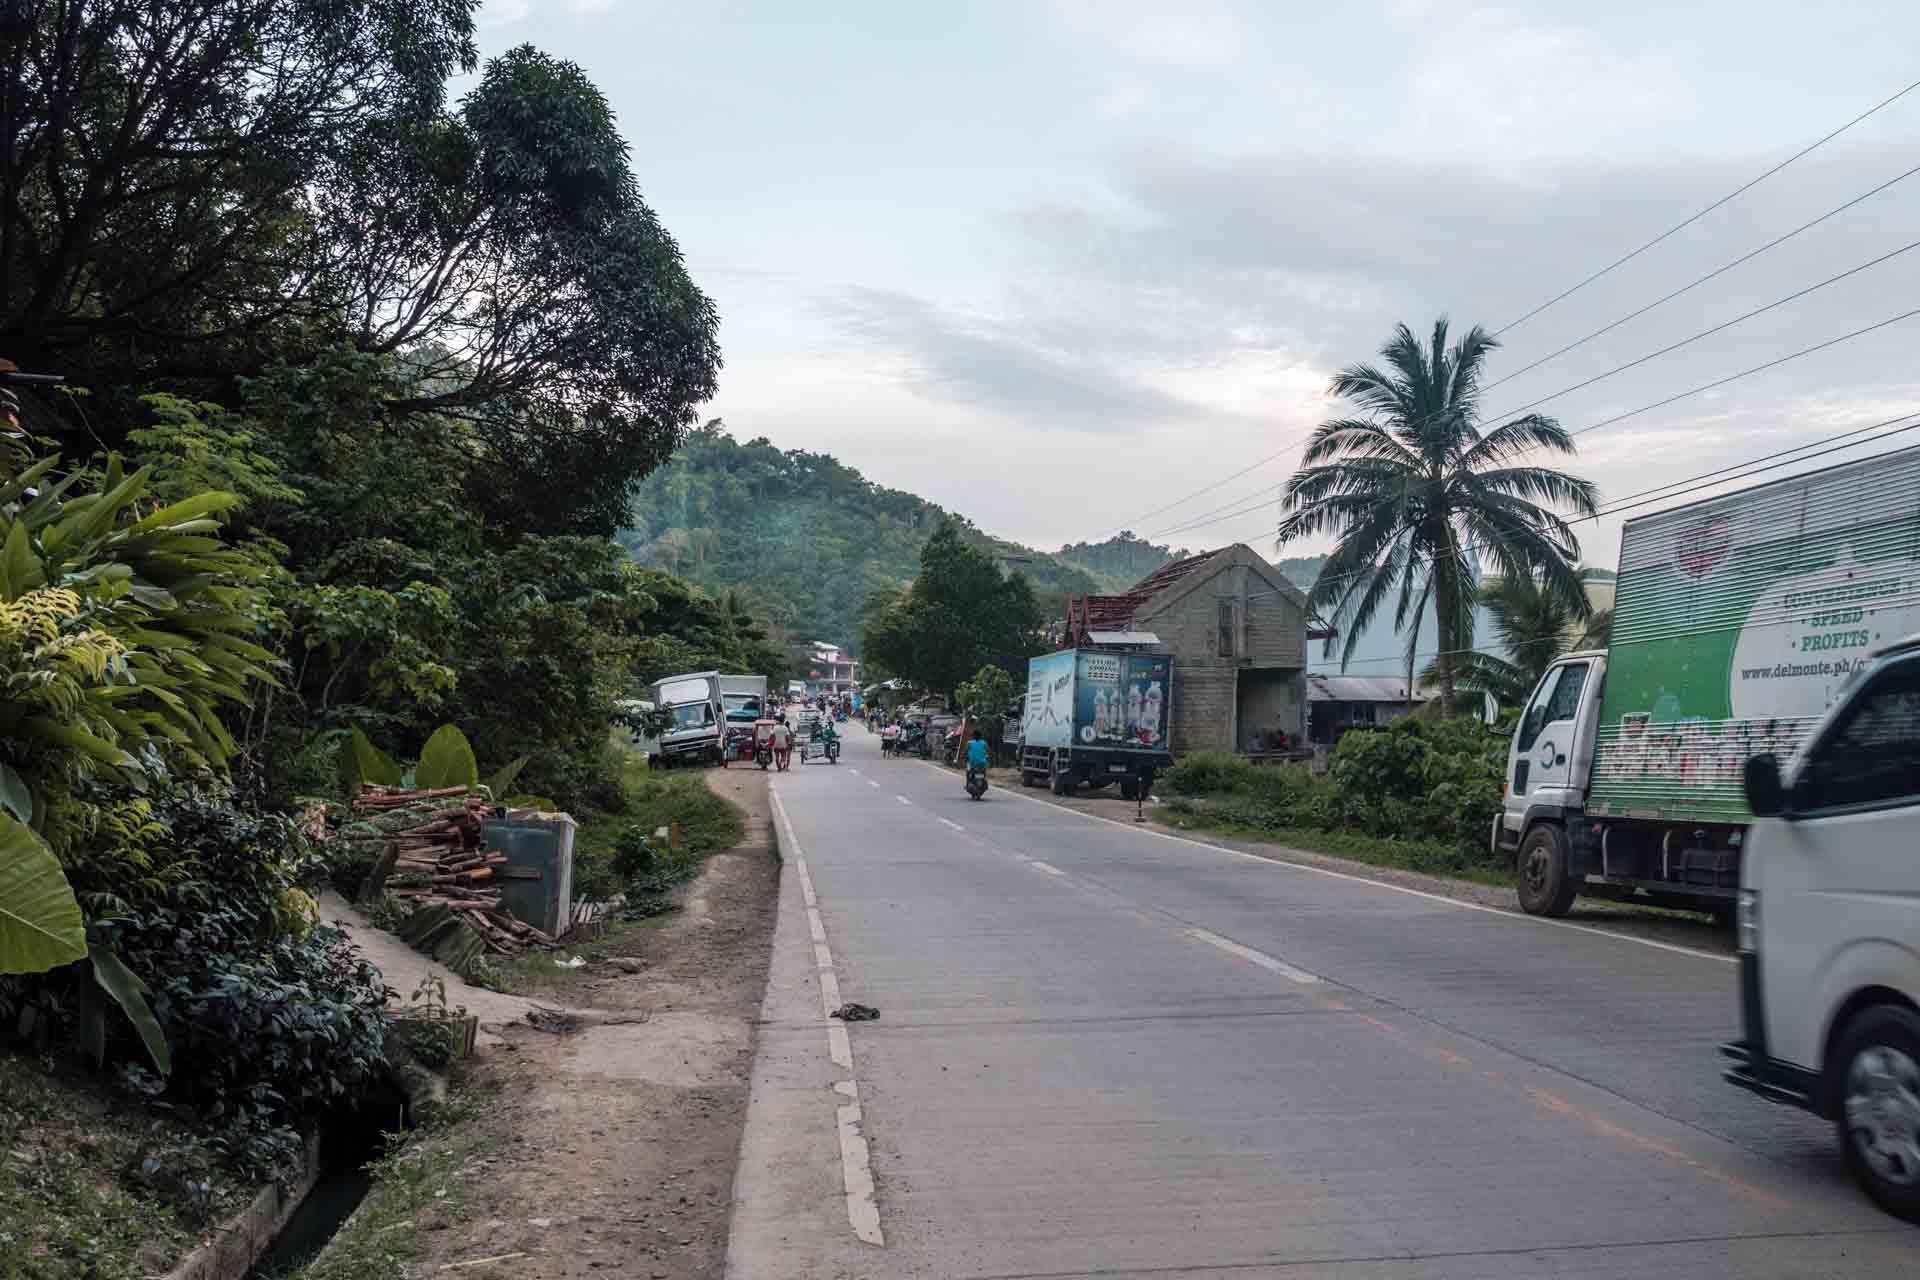 The road from El Nido to Las Cabanas